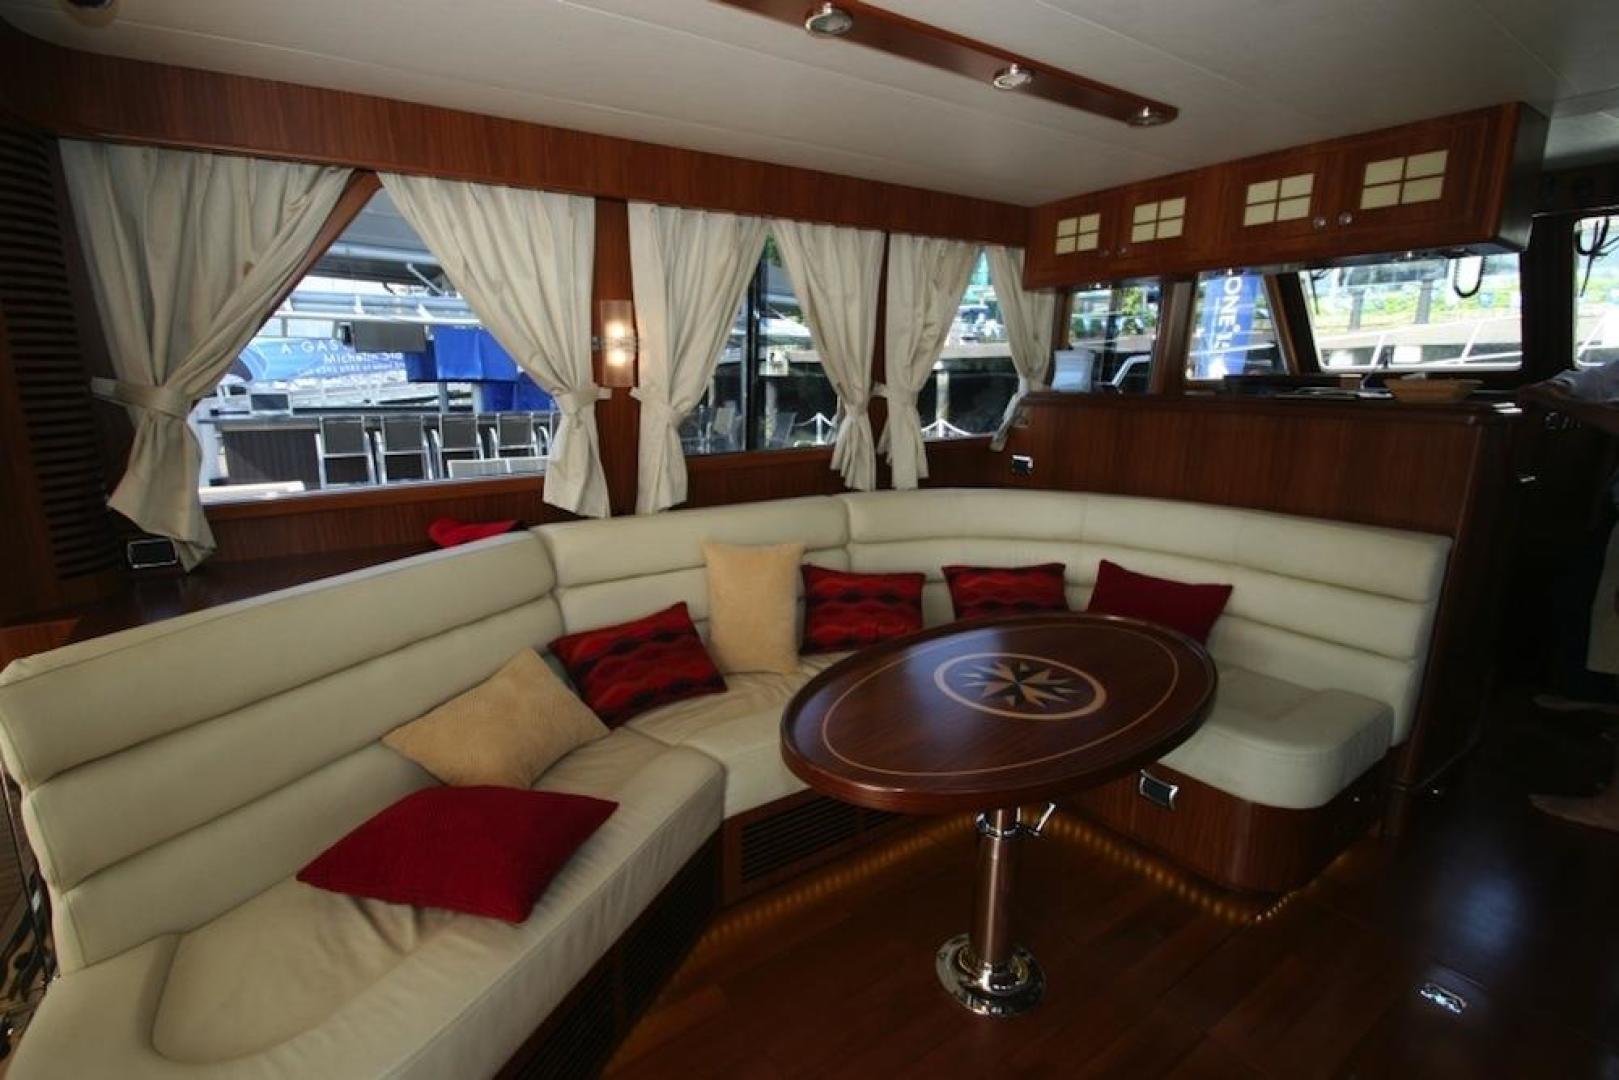 Clipper Motor Yachts-Cordova 52 2011 -Unknown-Singapore-Clipper Motor Yachts Cordova 52-385789 | Thumbnail